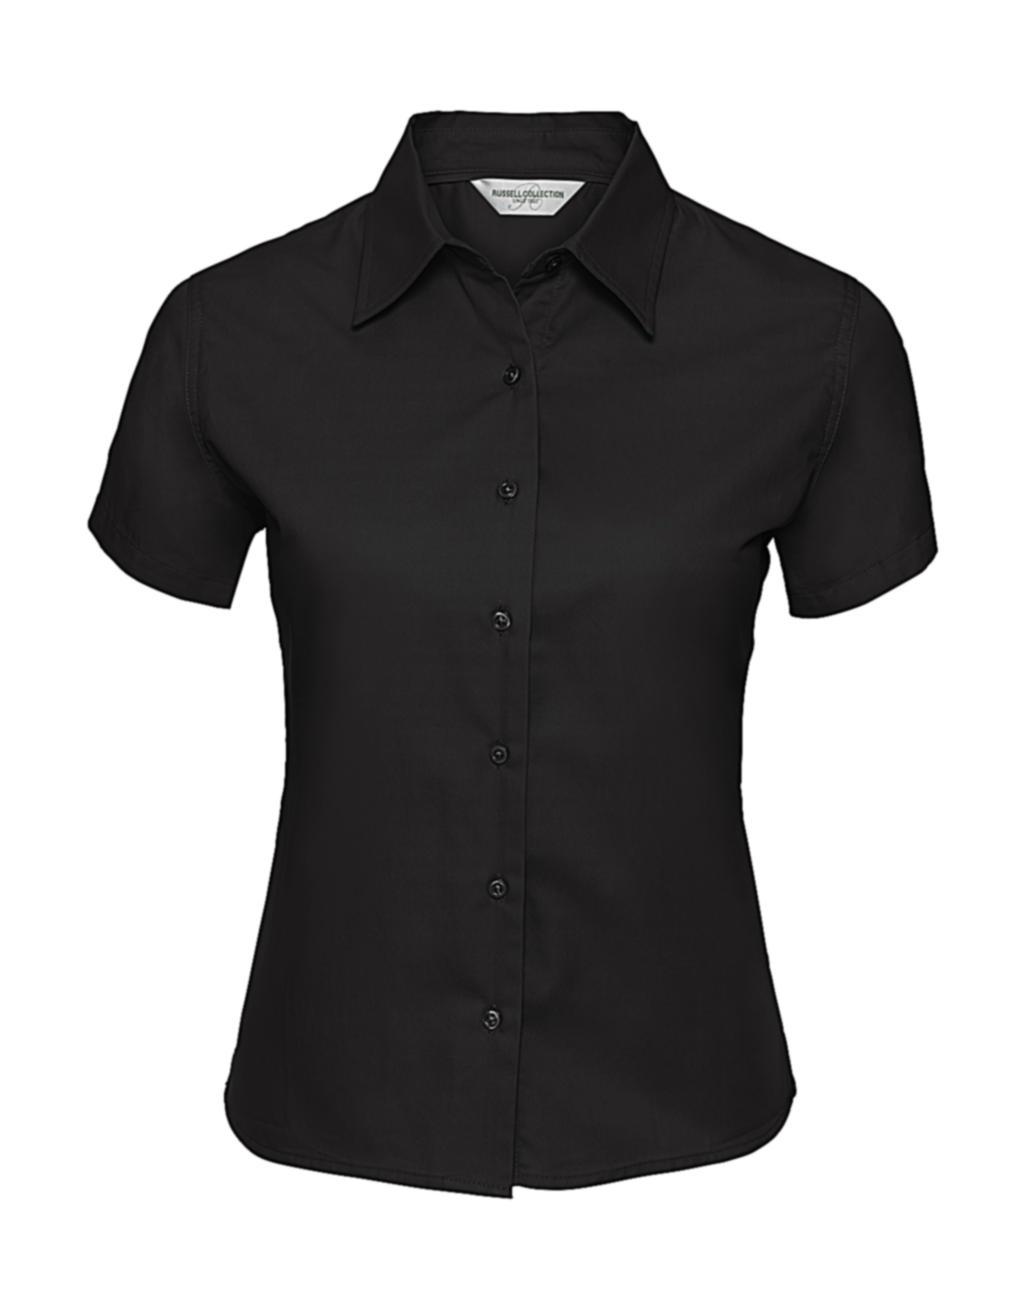 Dámská košile Classic Twill s krátkým rukávem - zvìtšit obrázek